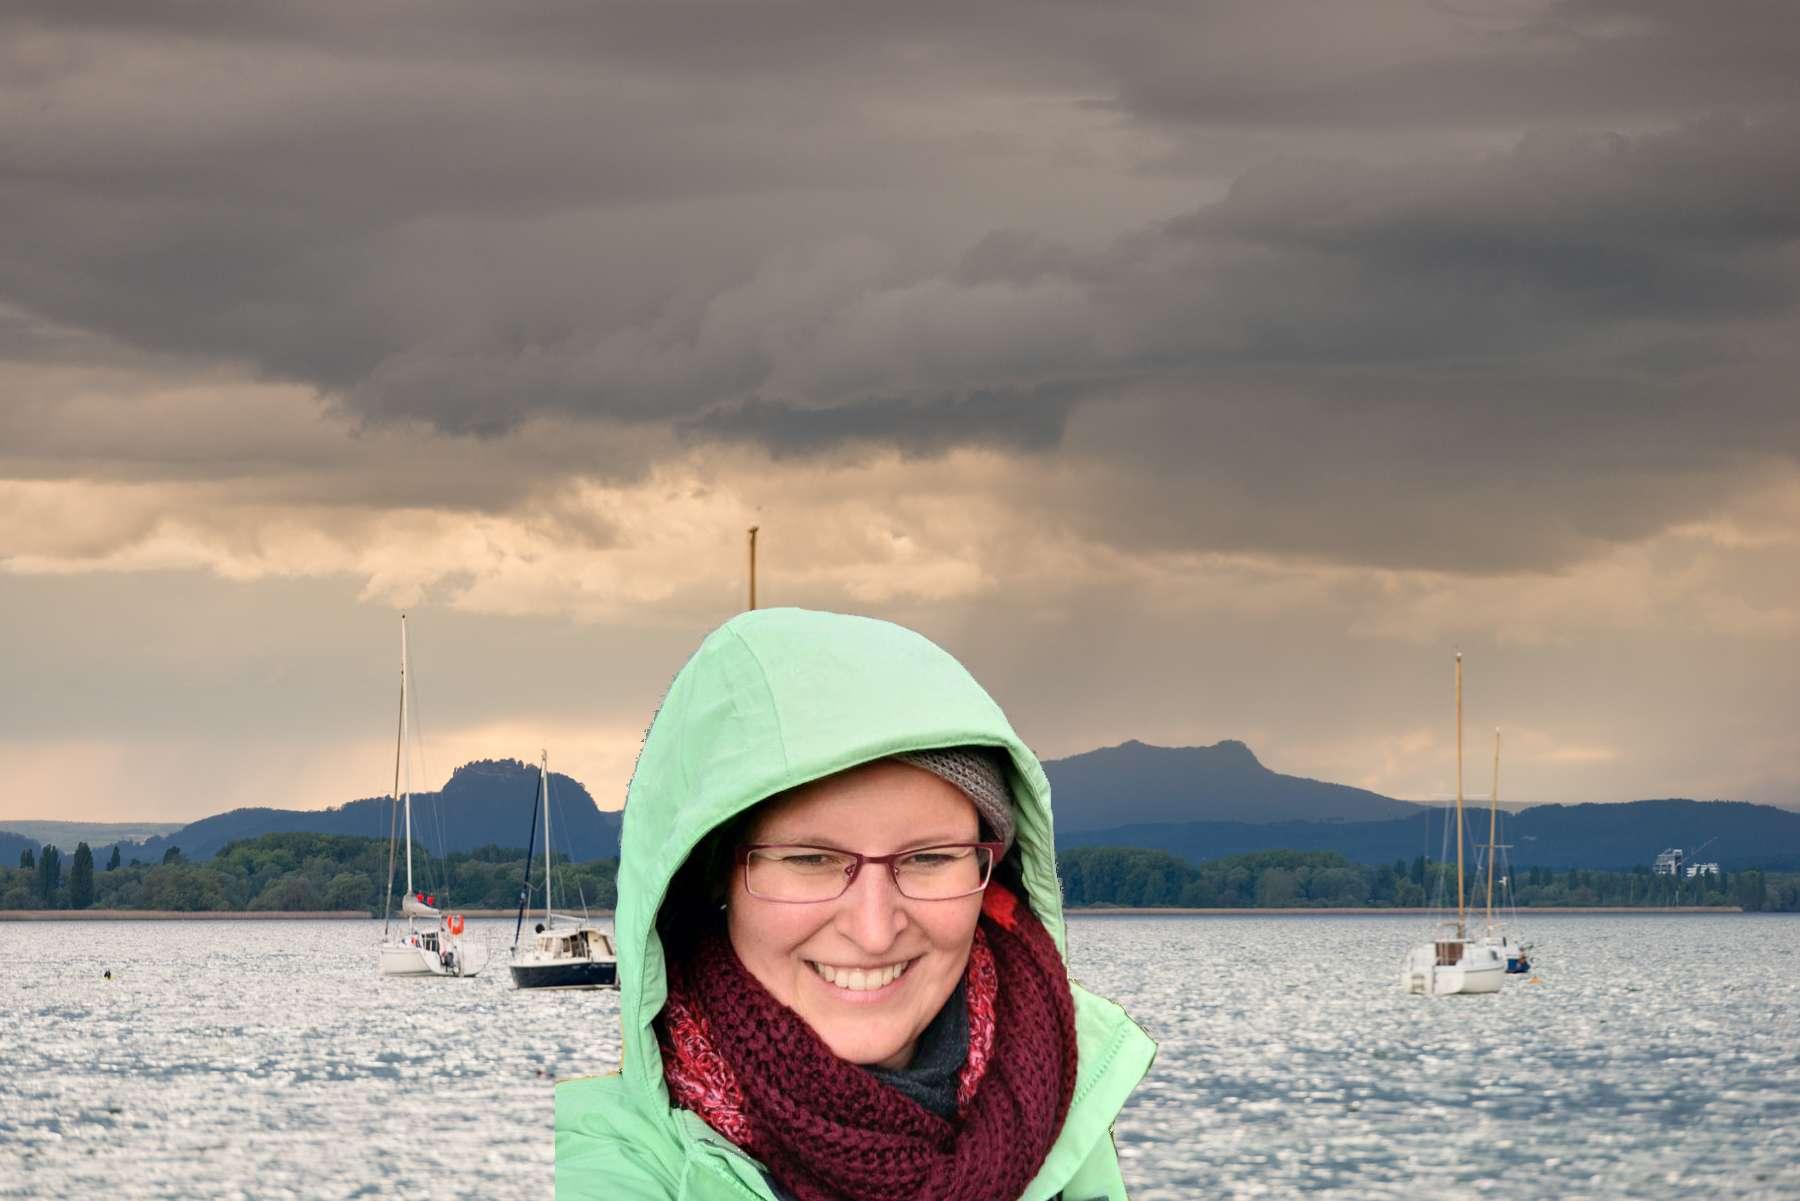 Foto vom Bodensee zum Beitrag Bodensee Schlechtwetter Tipps, persönlich von Franzi von Franzis-World